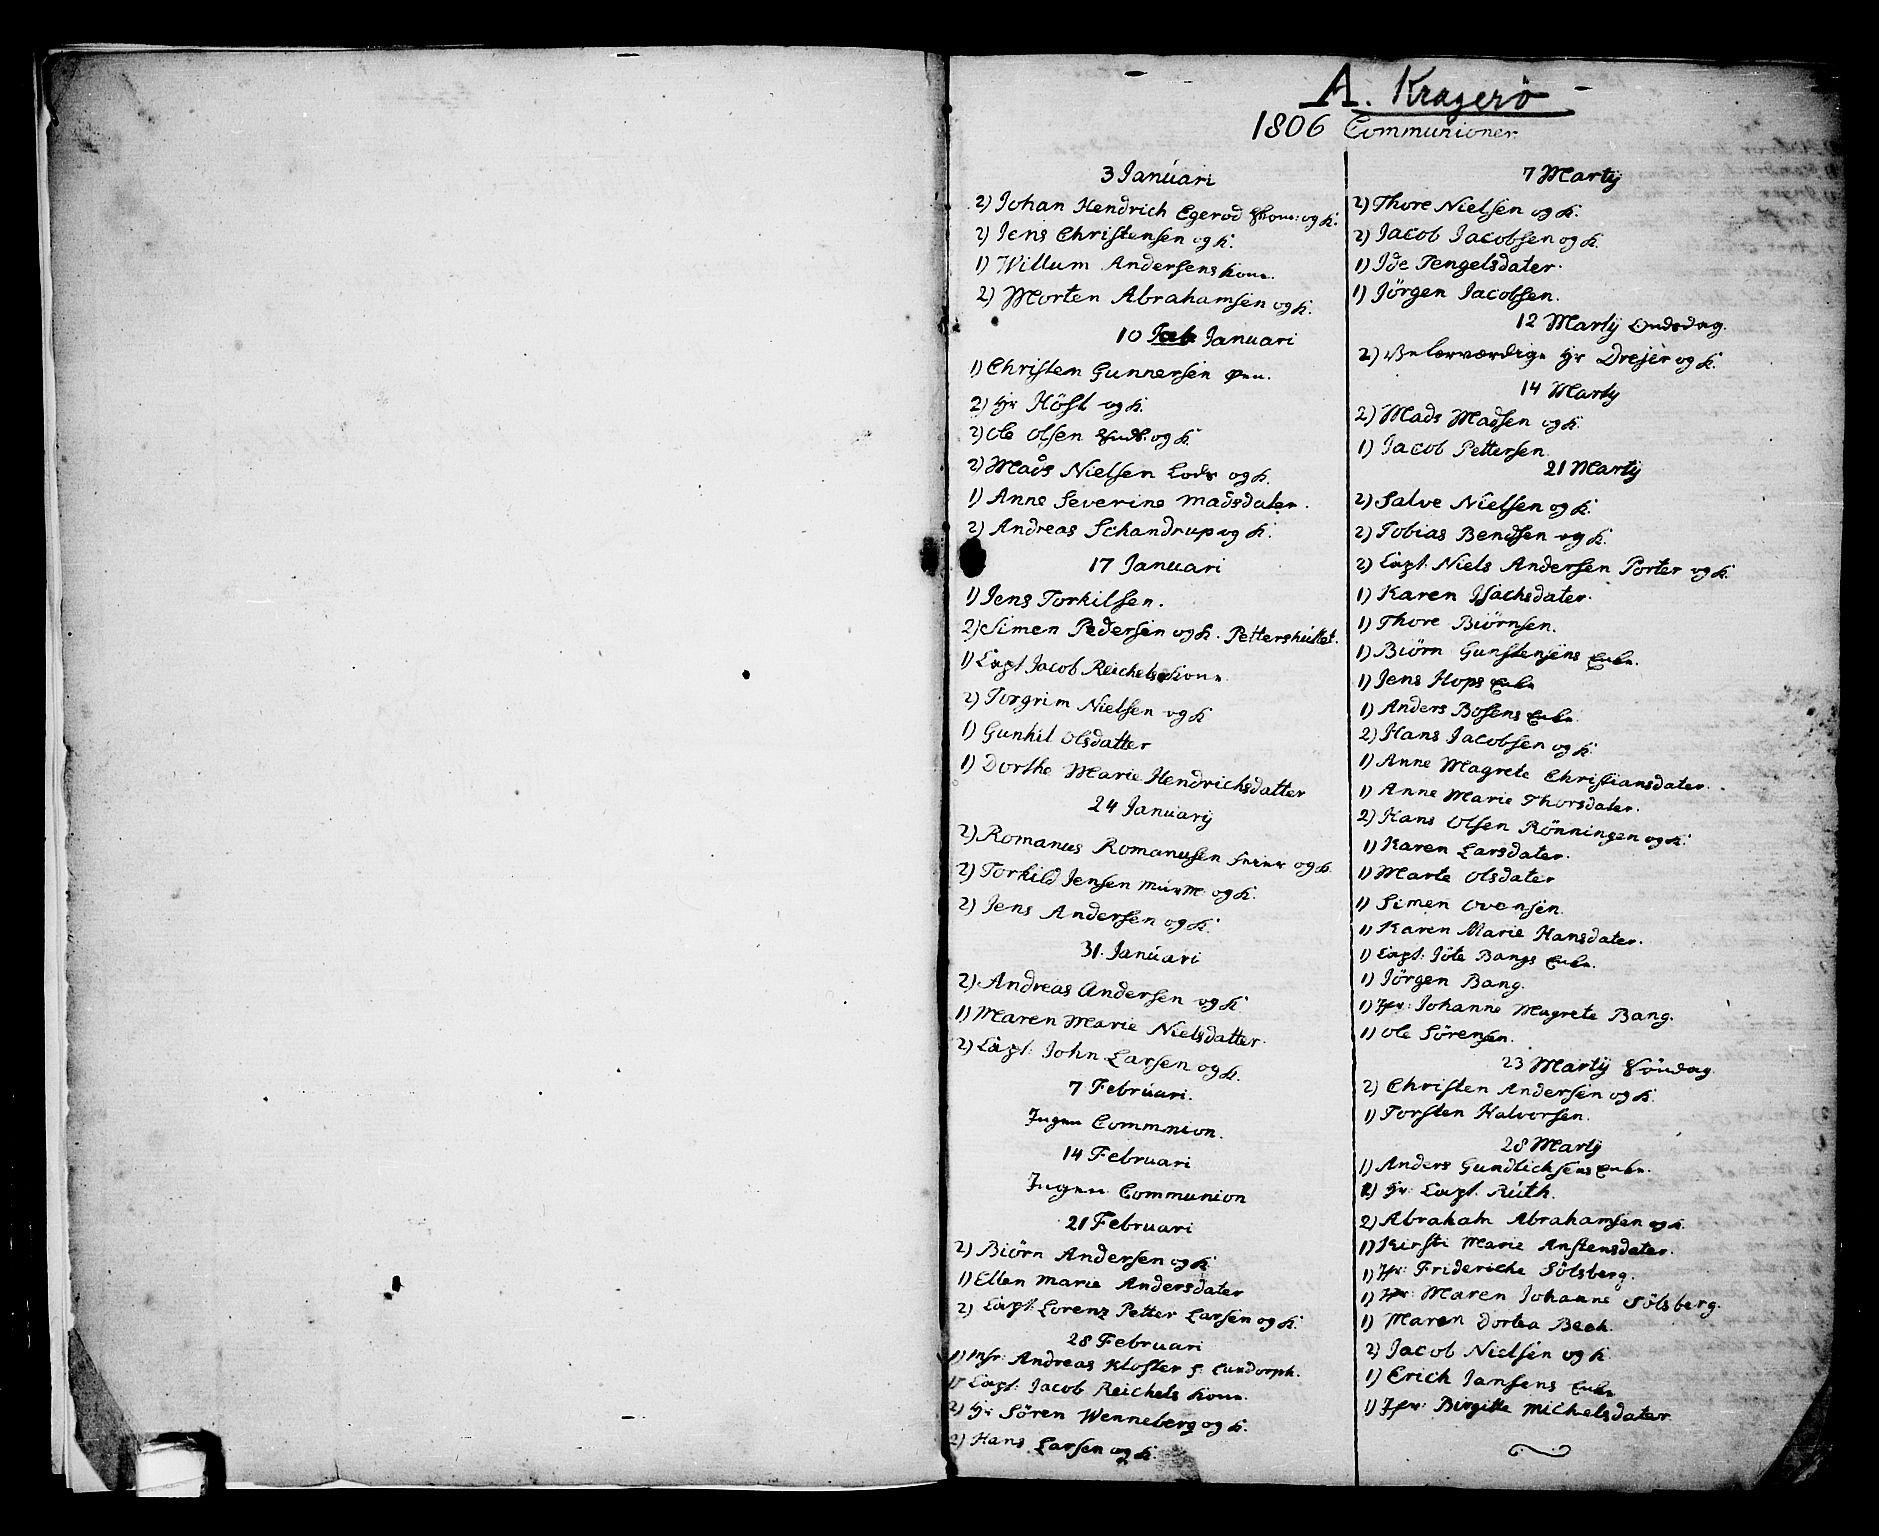 SAKO, Kragerø kirkebøker, G/Ga/L0001: Klokkerbok nr. 1 /1, 1806-1811, s. 2-3